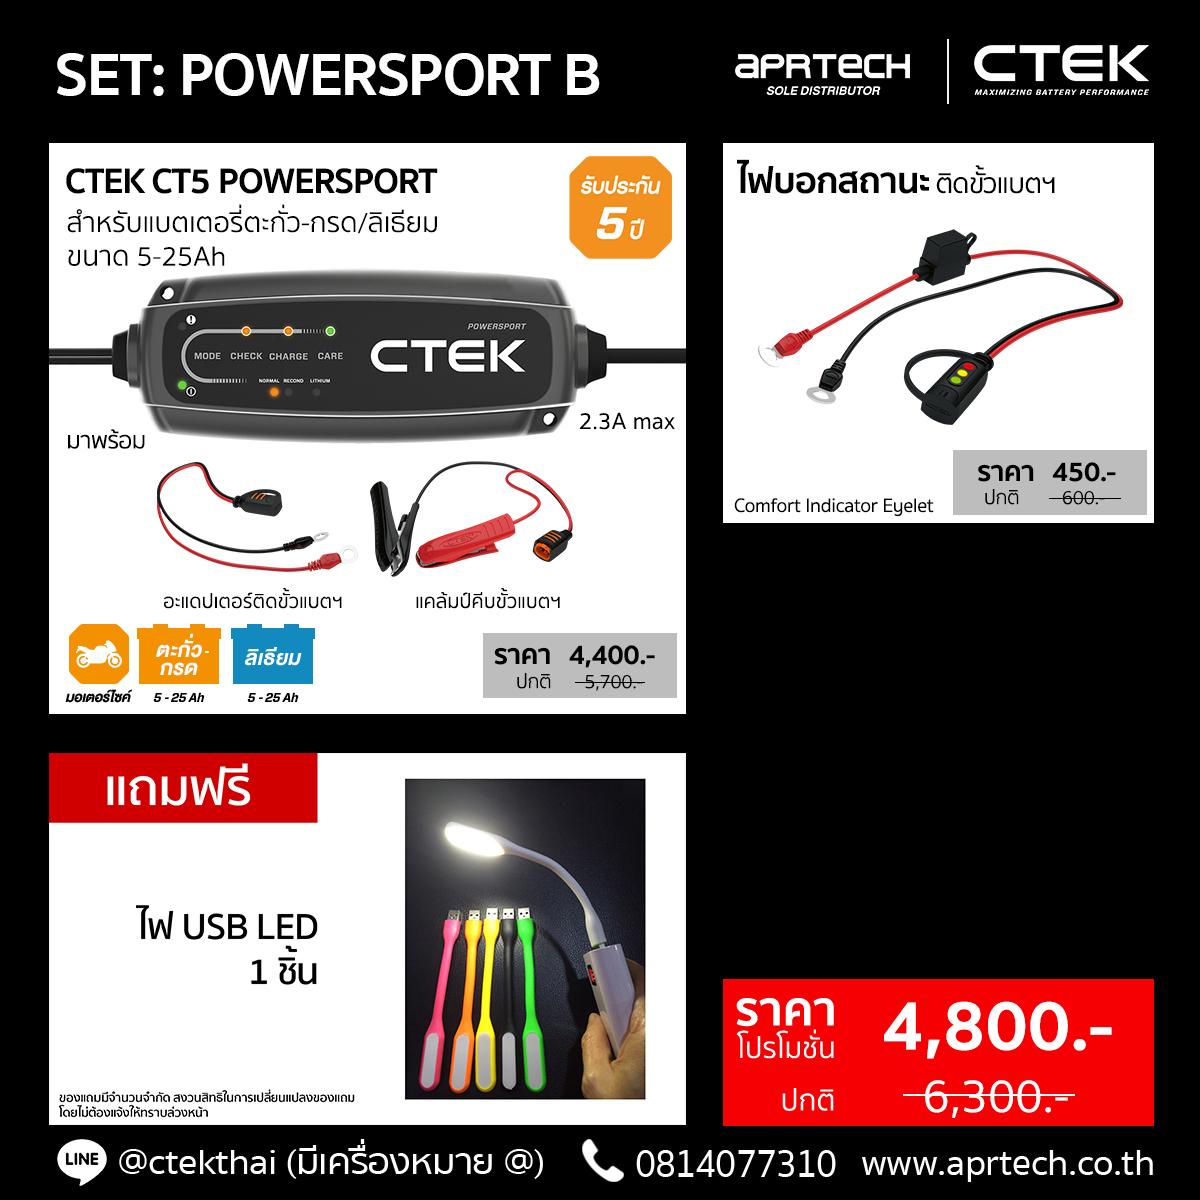 SET POWERSPORT B (CTEK POWERSPORT + Indicator Eyelet)